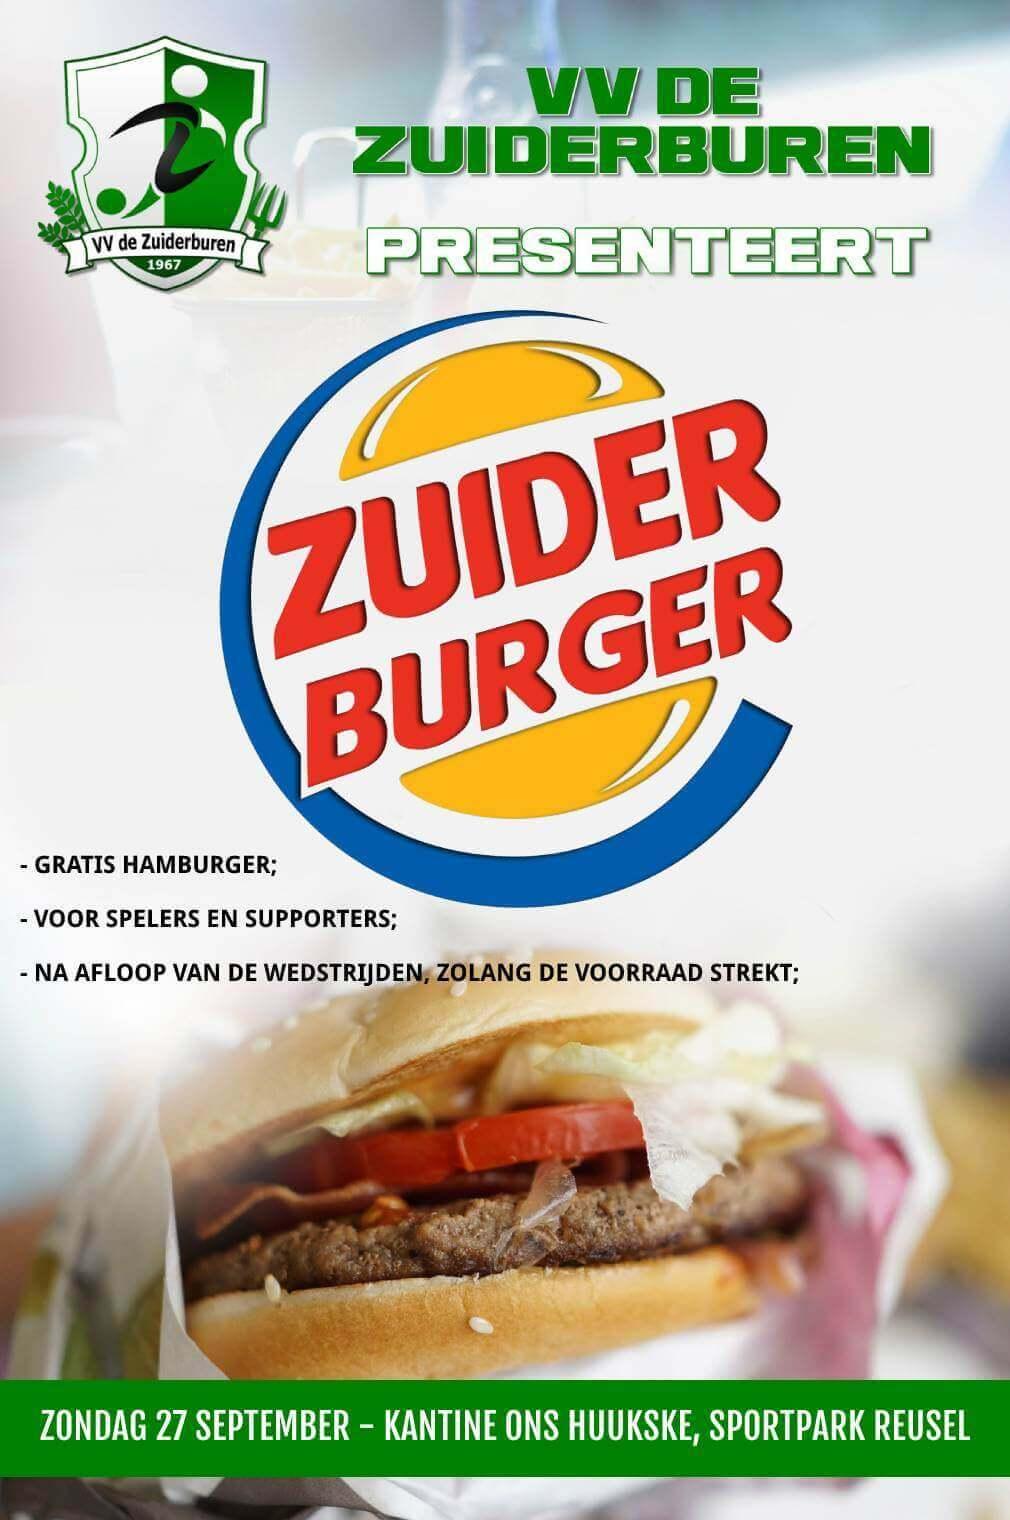 Affiche voor Zuiderburger